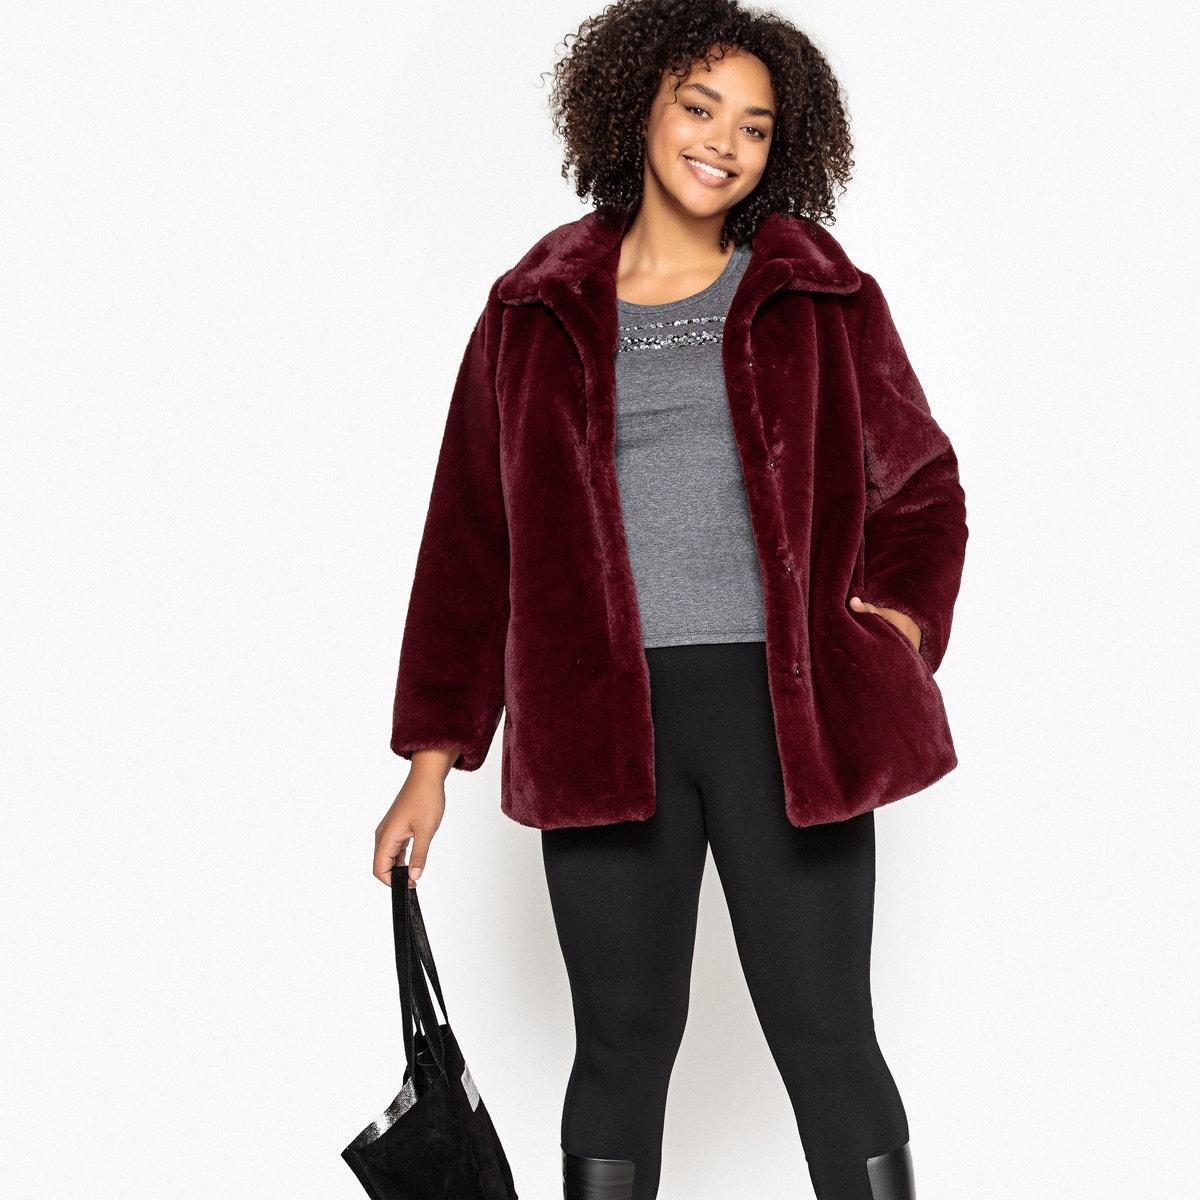 Παλτό με συνθετική γούνα για μεγάλα μεγέθη γυναικα   πανωφόρια   παλτό